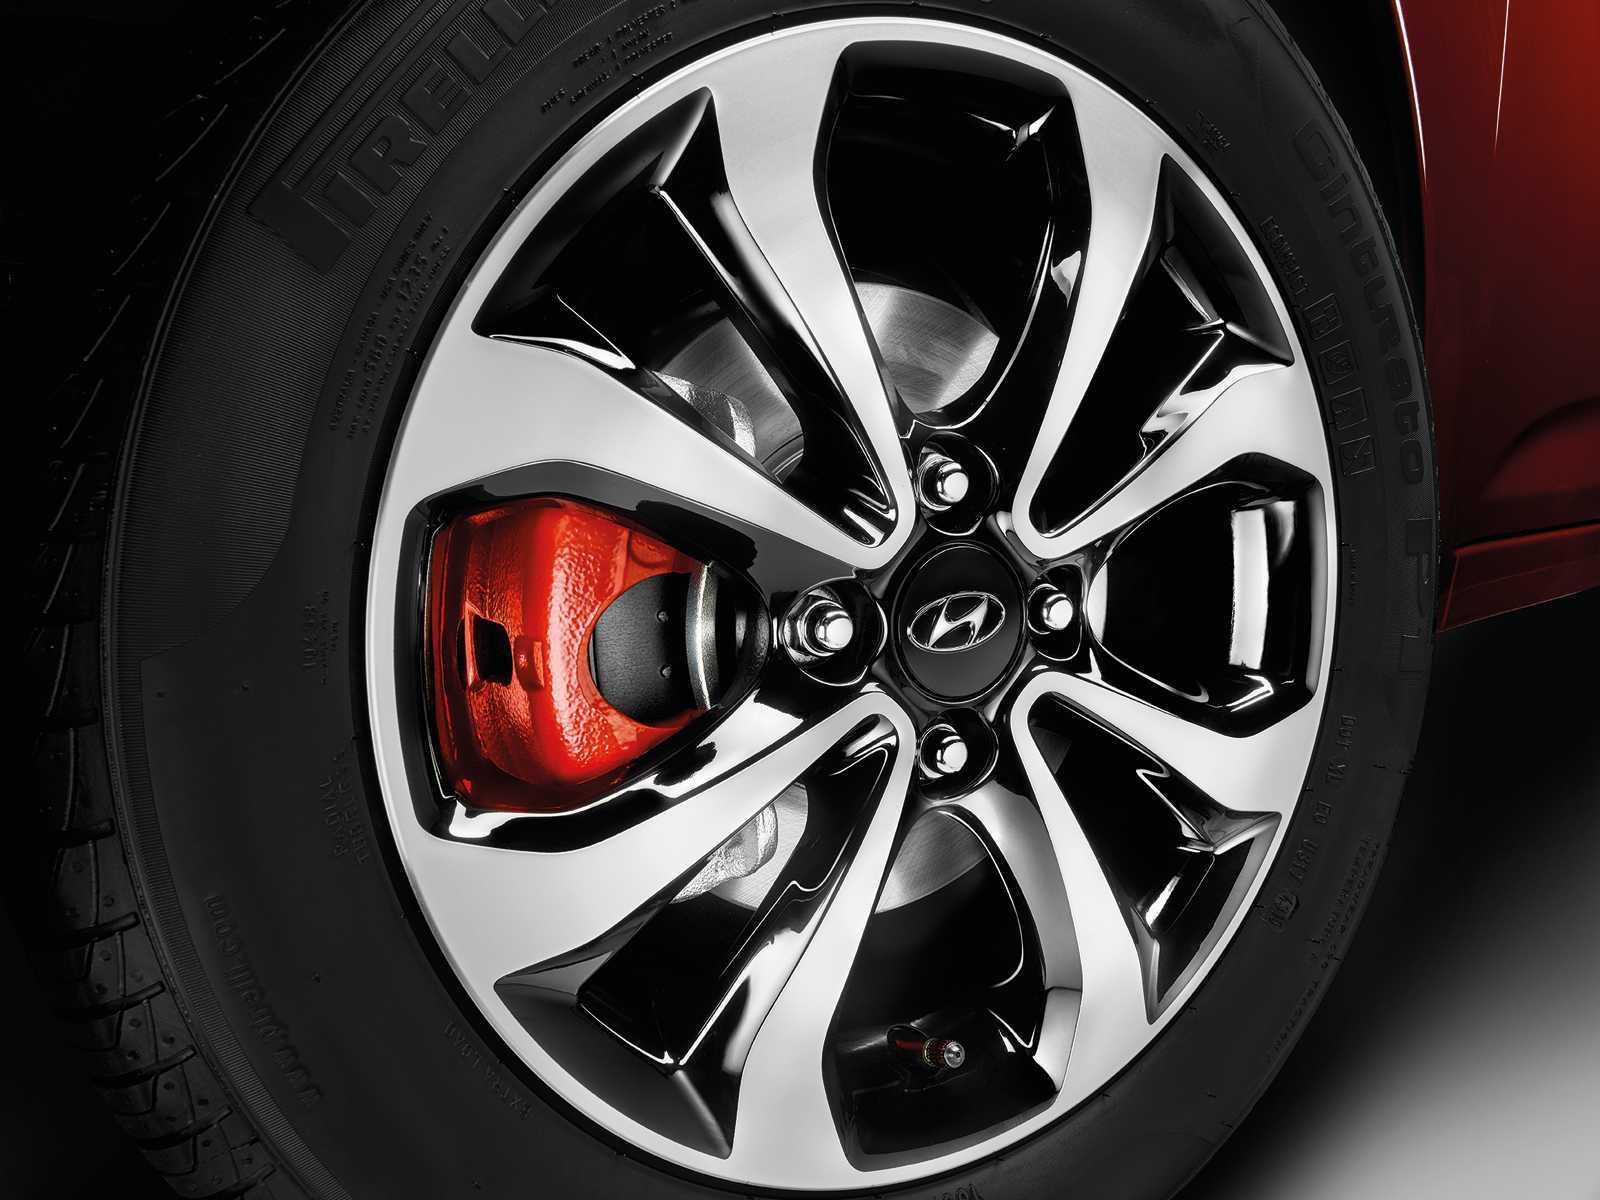 HyundaiHB20 2016 - rodas